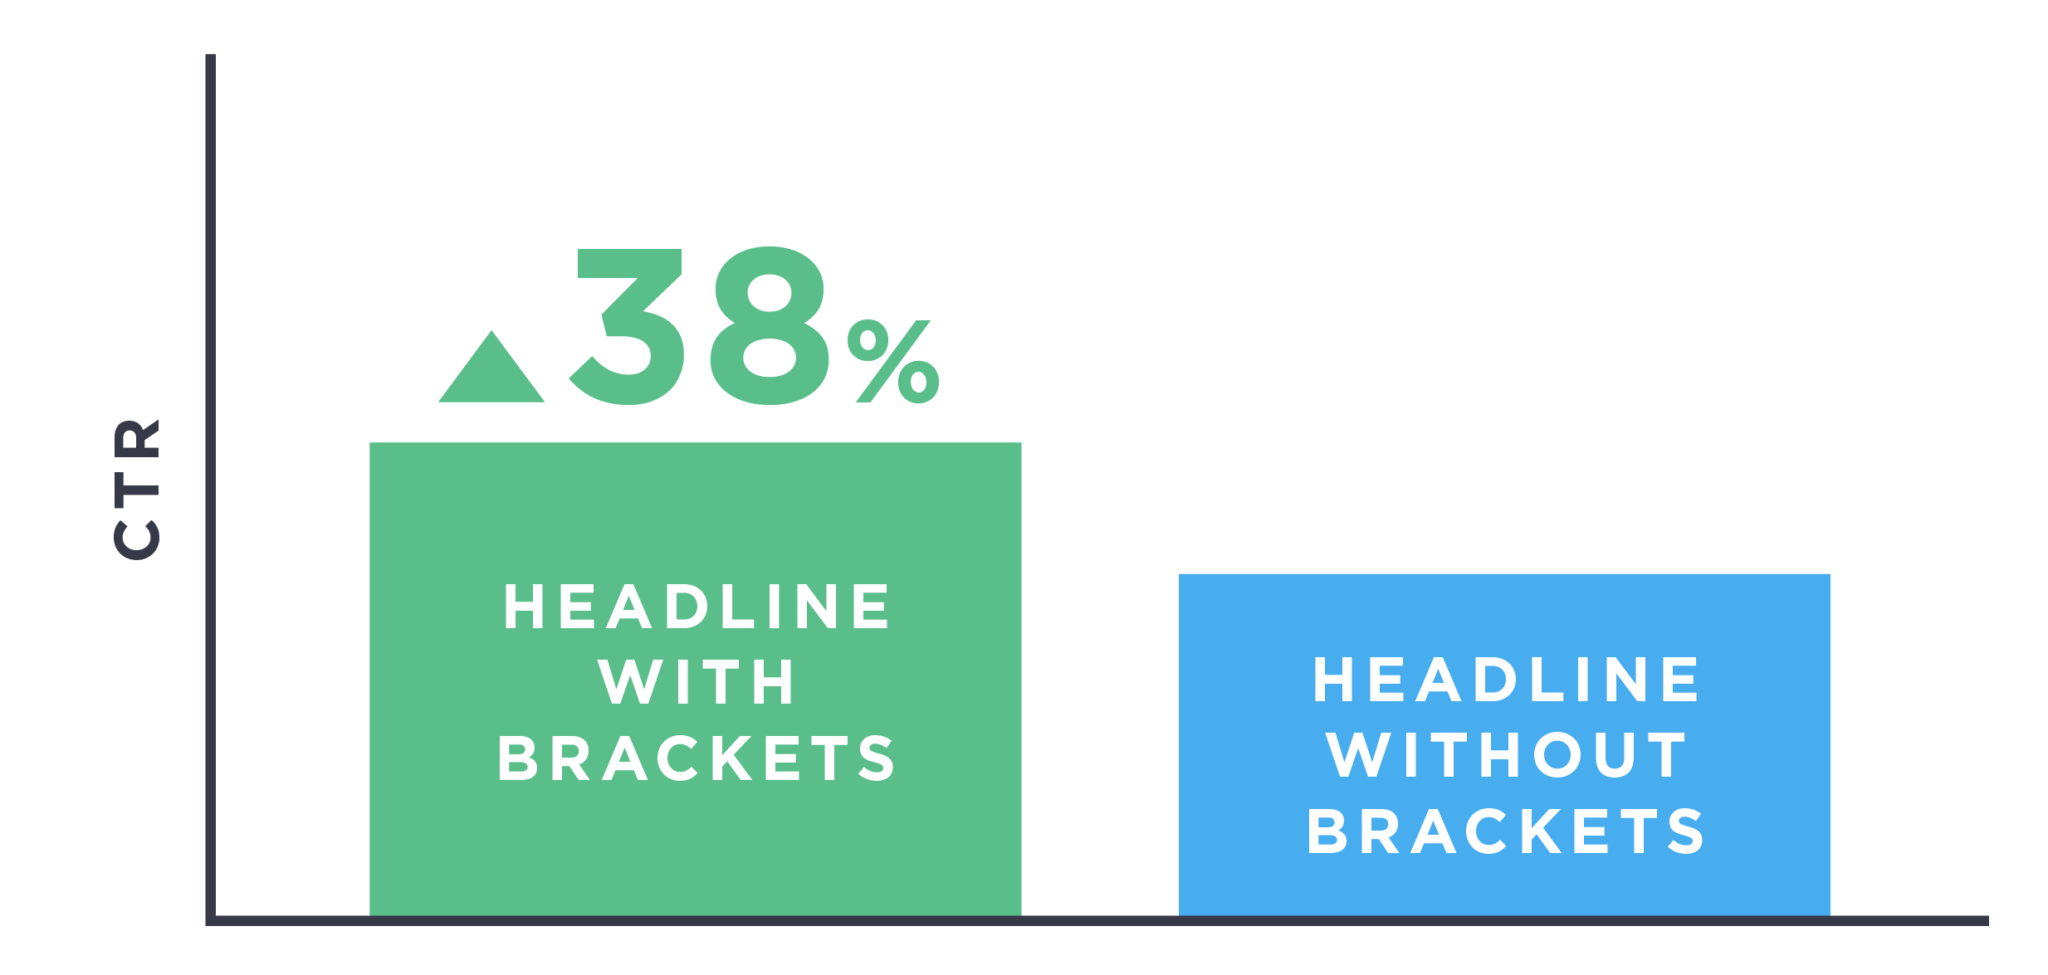 tiêu đề sử dụng dấu ngoặc vuông có tỷ lệ click cao hơn